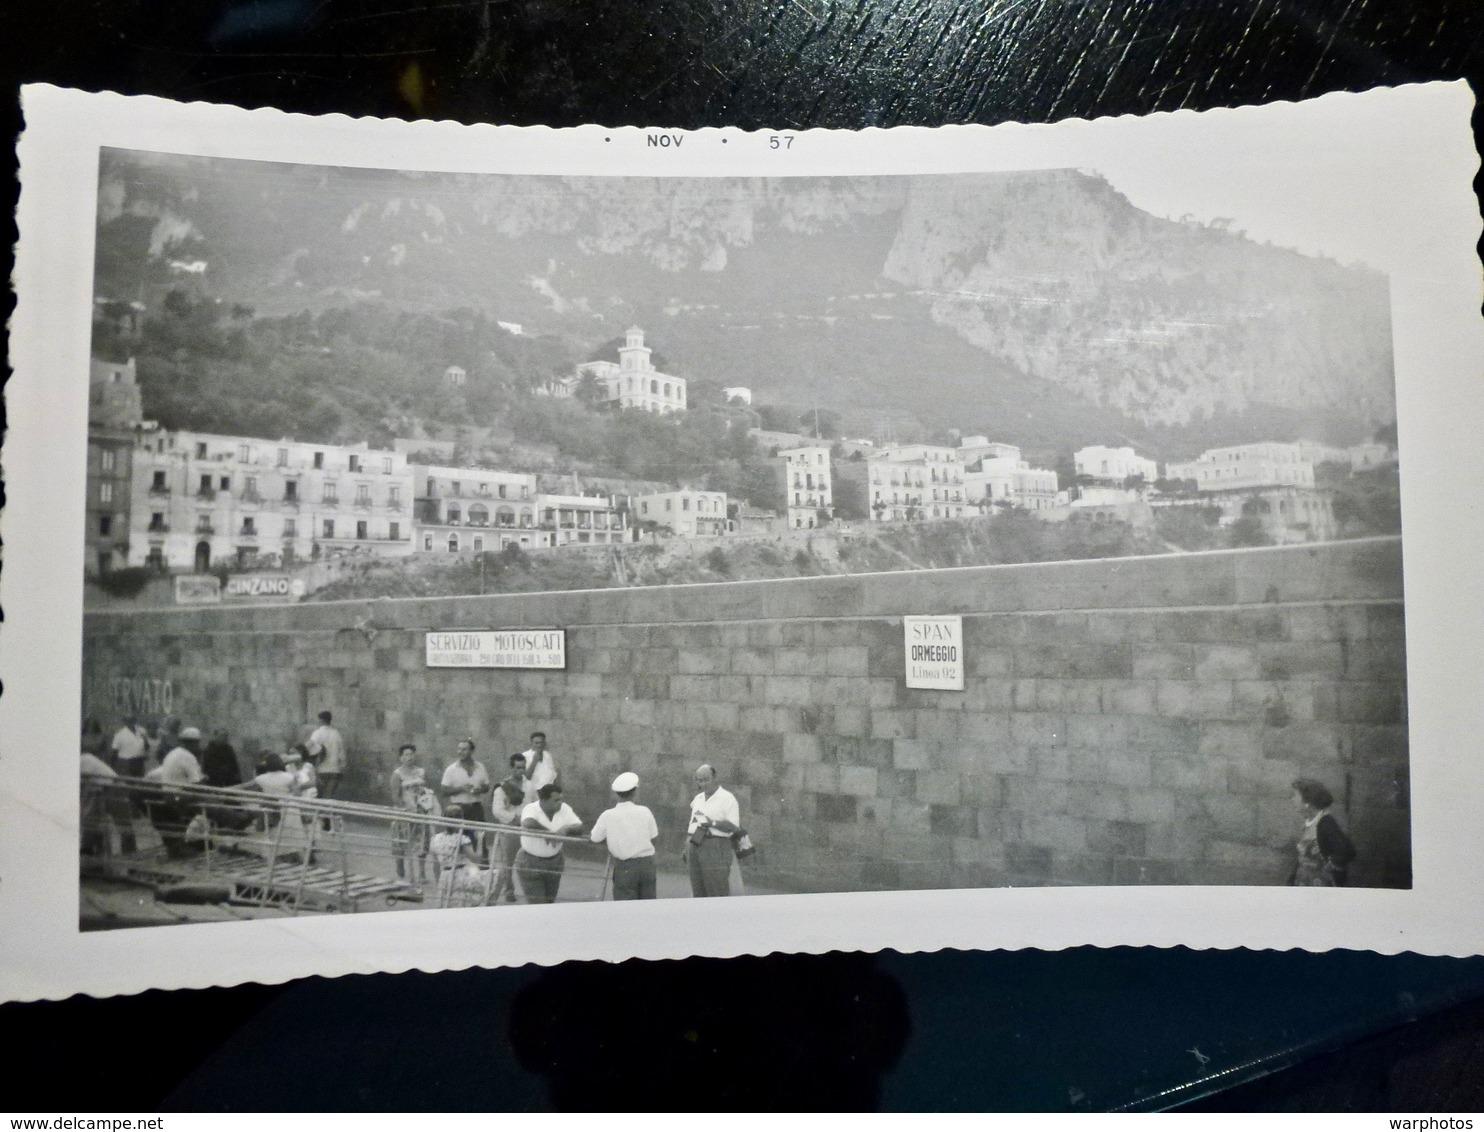 PHOTO ORIGINALE _ VINTAGE SNAPSHOT : CAPRI _ BAIE De NAPLES _ ITALIE _ 1957 - Lieux